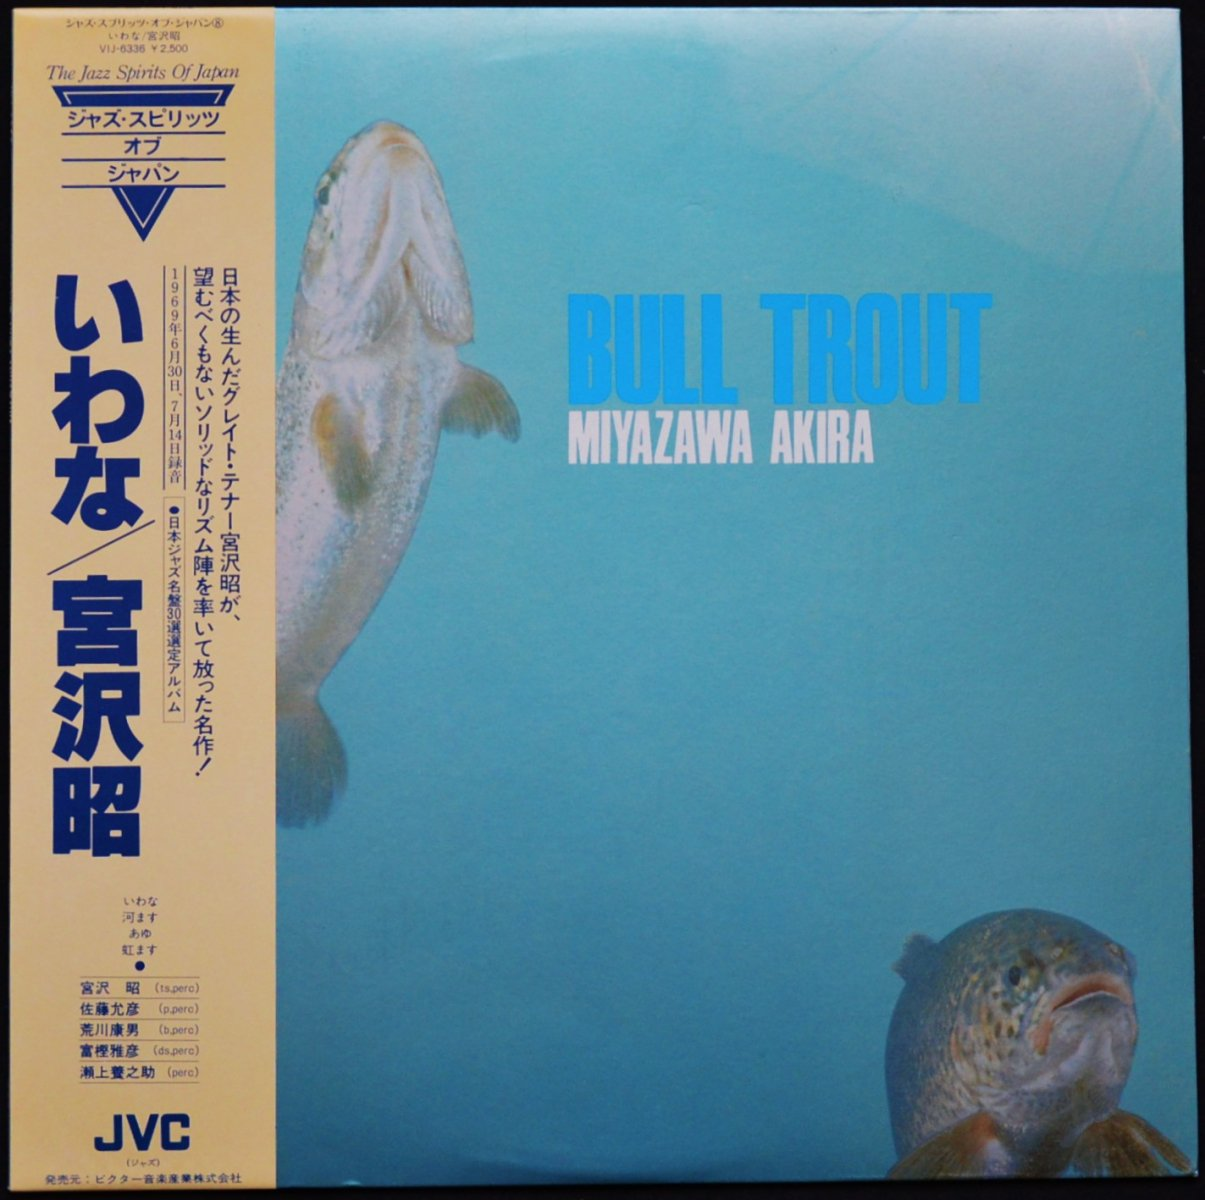 宮沢昭 AKIRA MIYAZAWA / いわな BULL TROUT (LP)